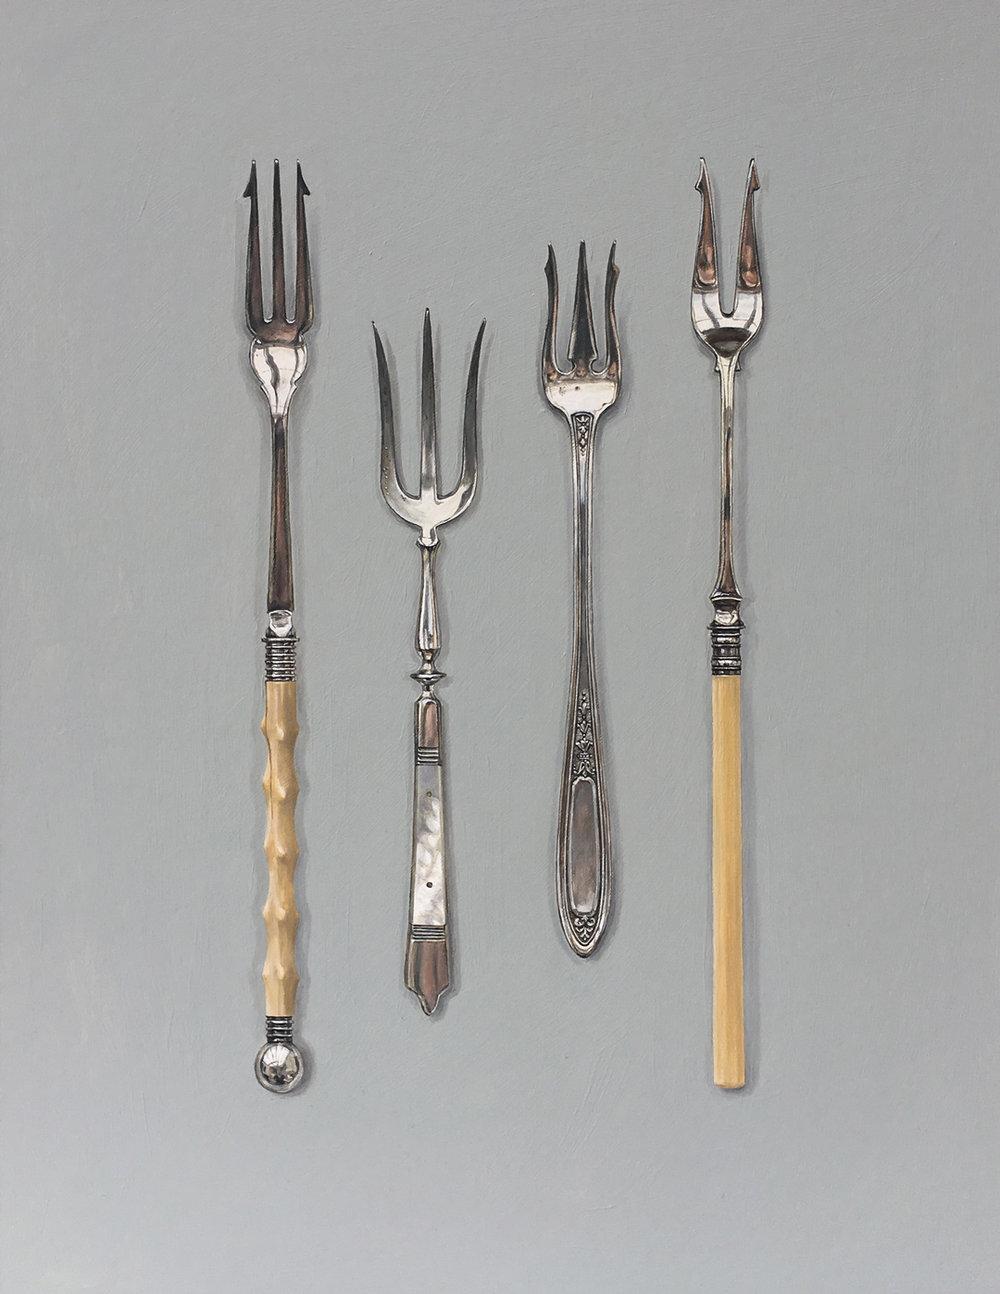 pickle forks